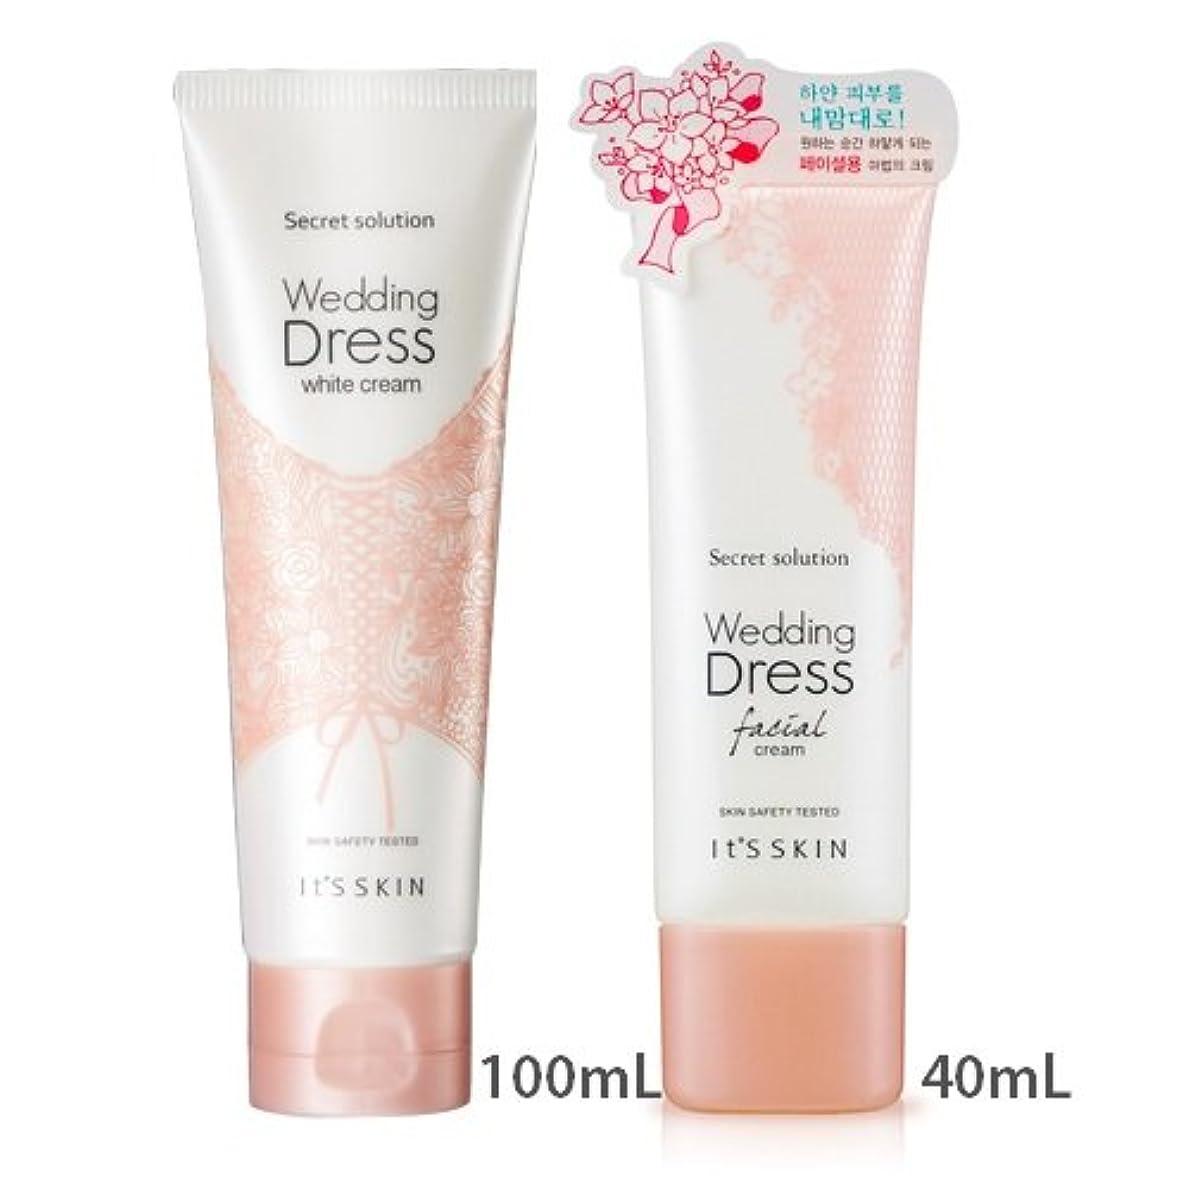 命題するだろううんざり[1+1] It's skin Secret Solution Wedding Dress Facial Cream 40mL + Secret Solution Wedding Dress Cream 100mL イッツスキン...